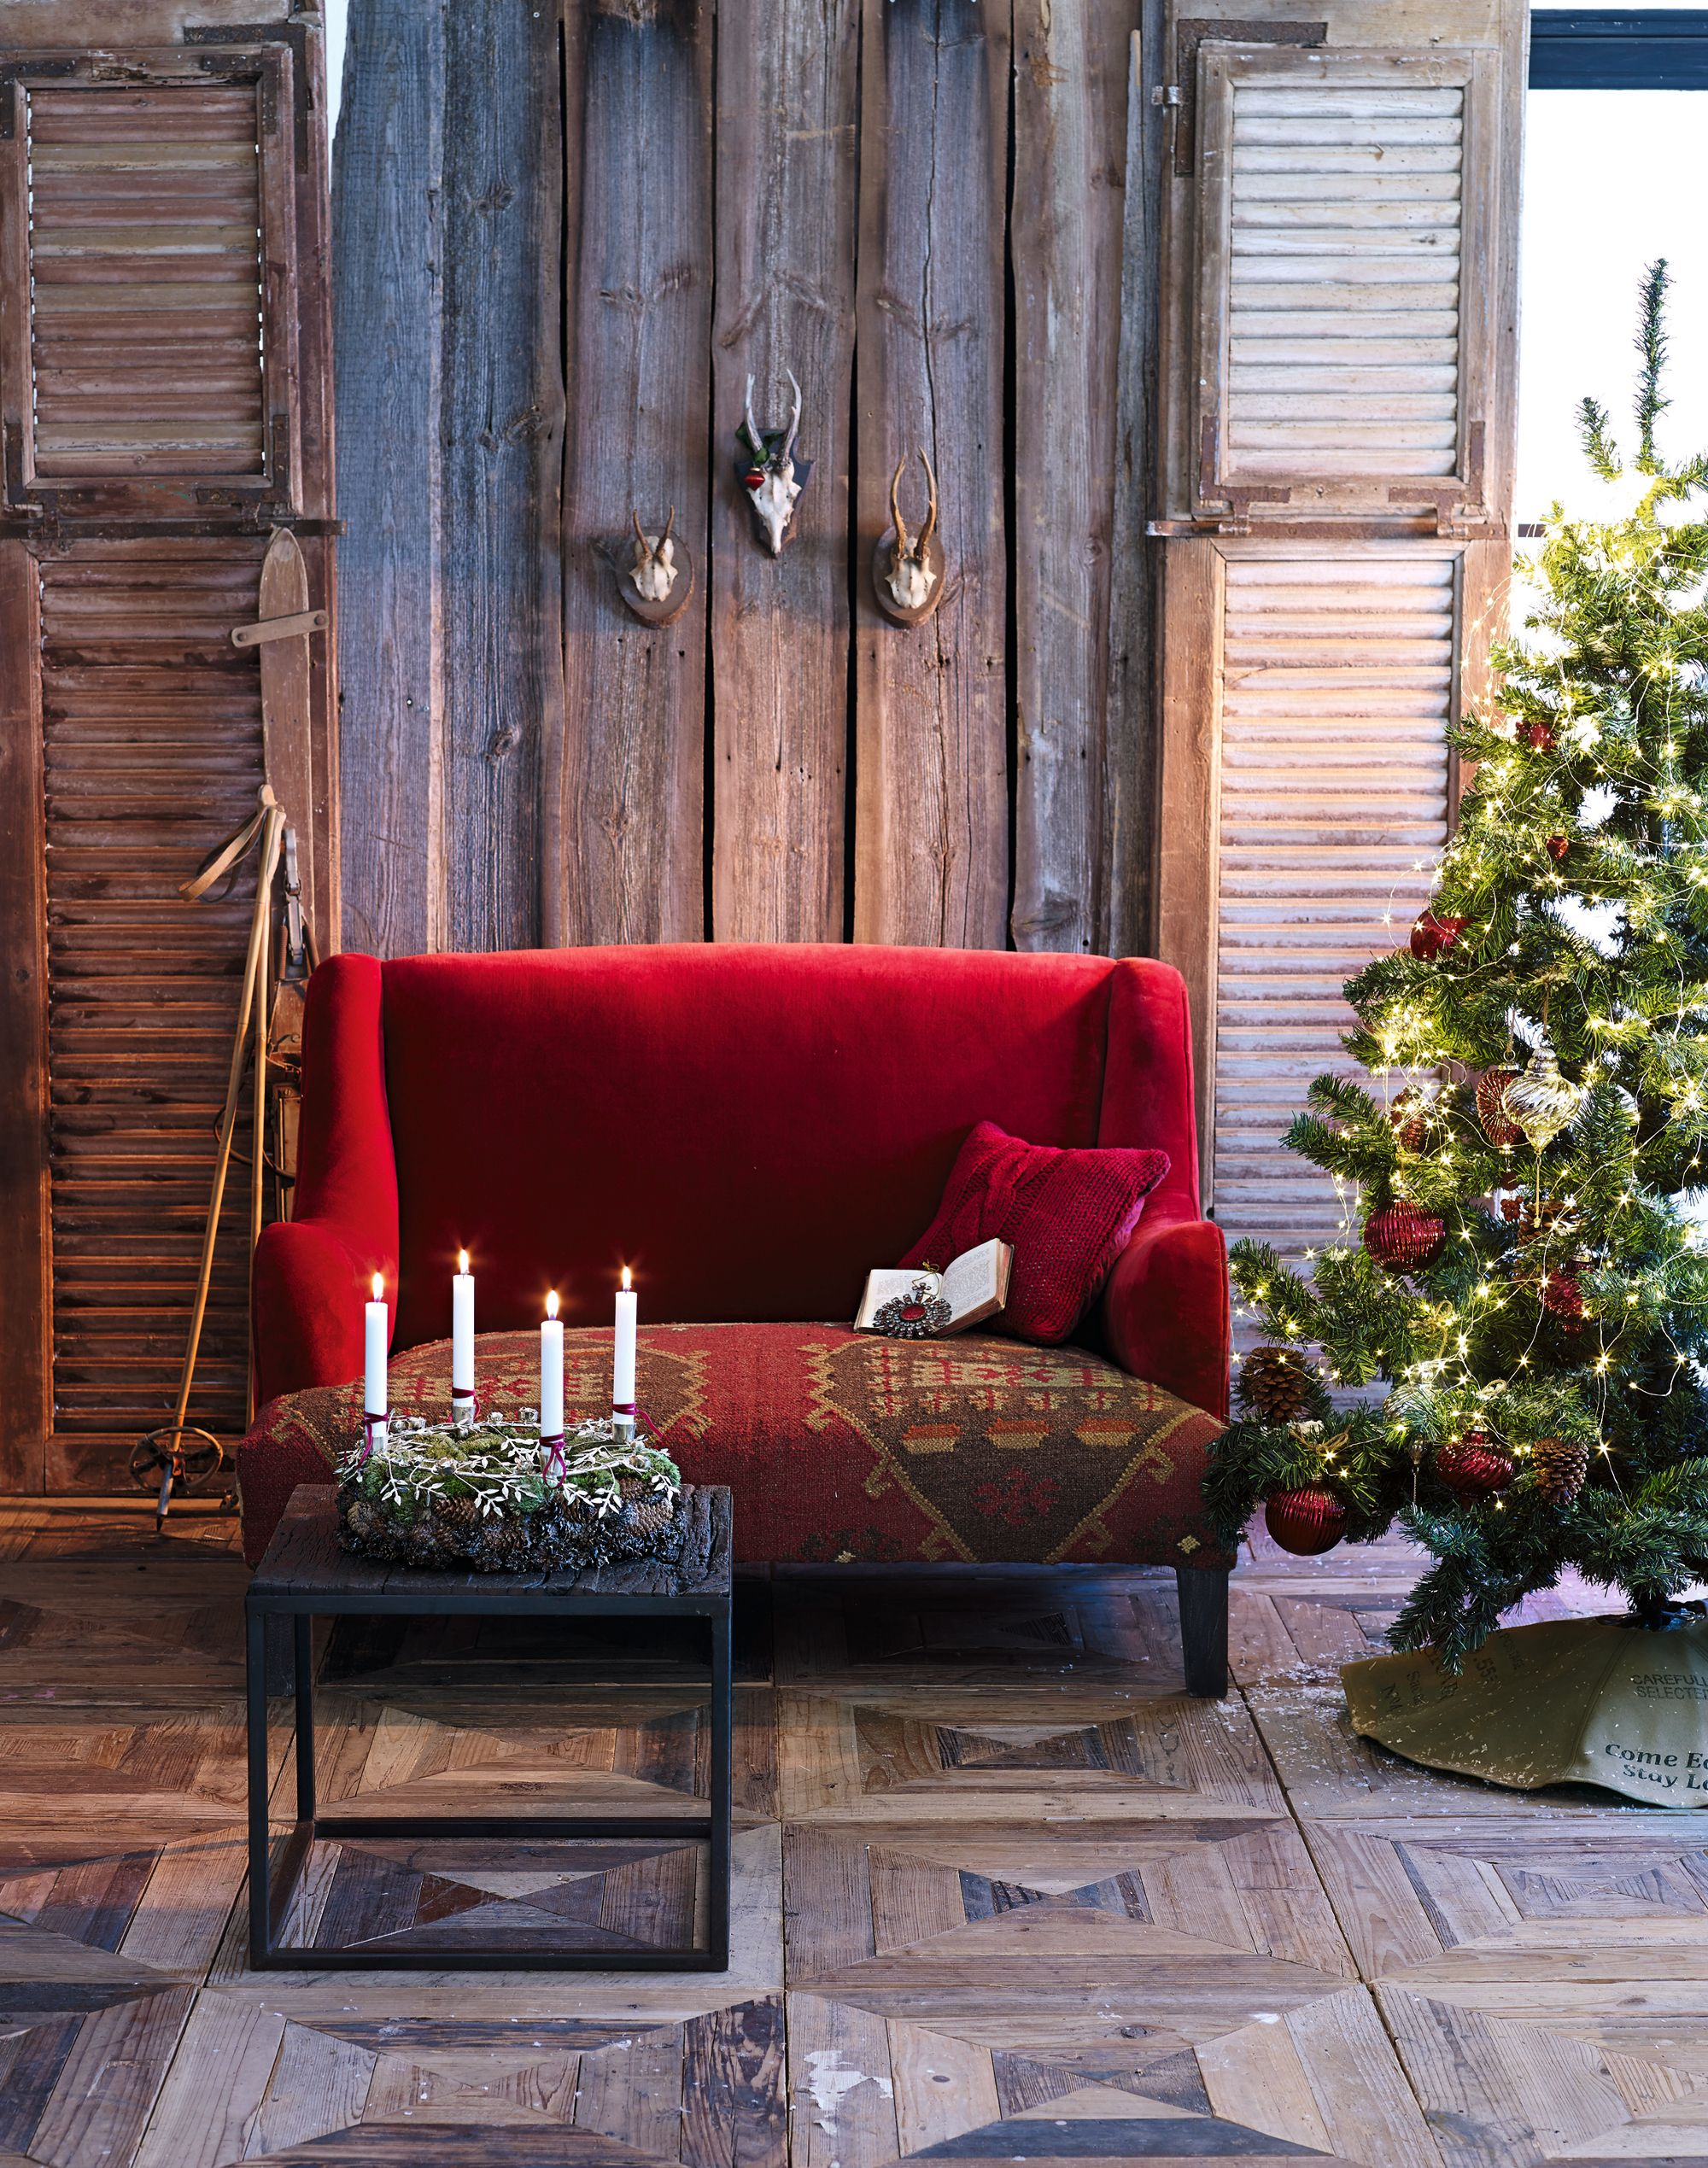 Rot und Samt - eine edle und schöne Kombination passend für die Weihnachtszeit #loberon